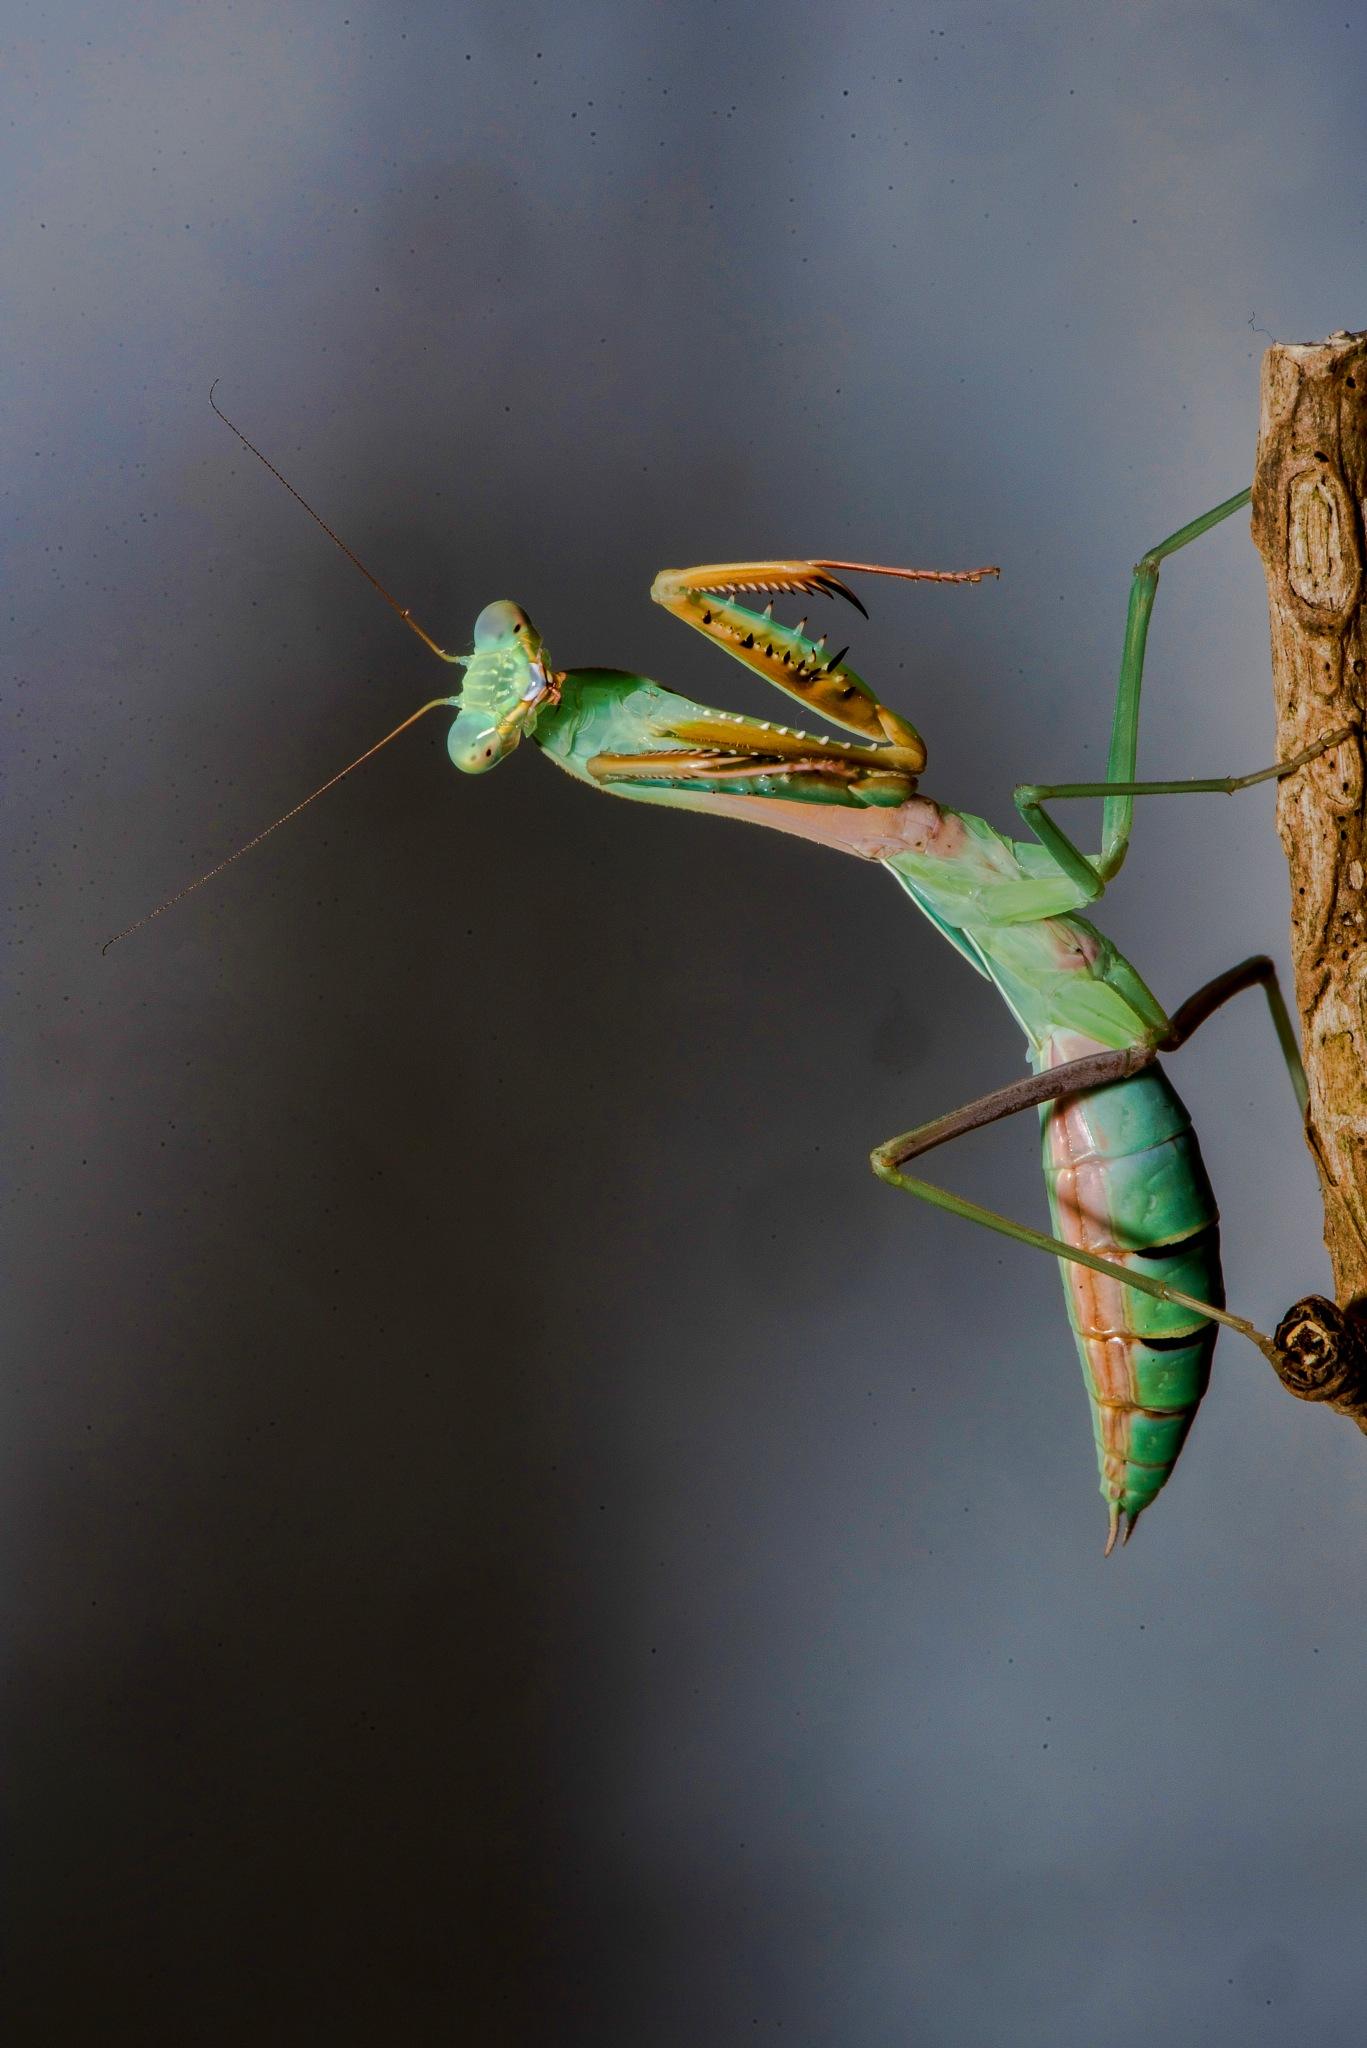 malaysian mantis by Van Der Doodt Alain